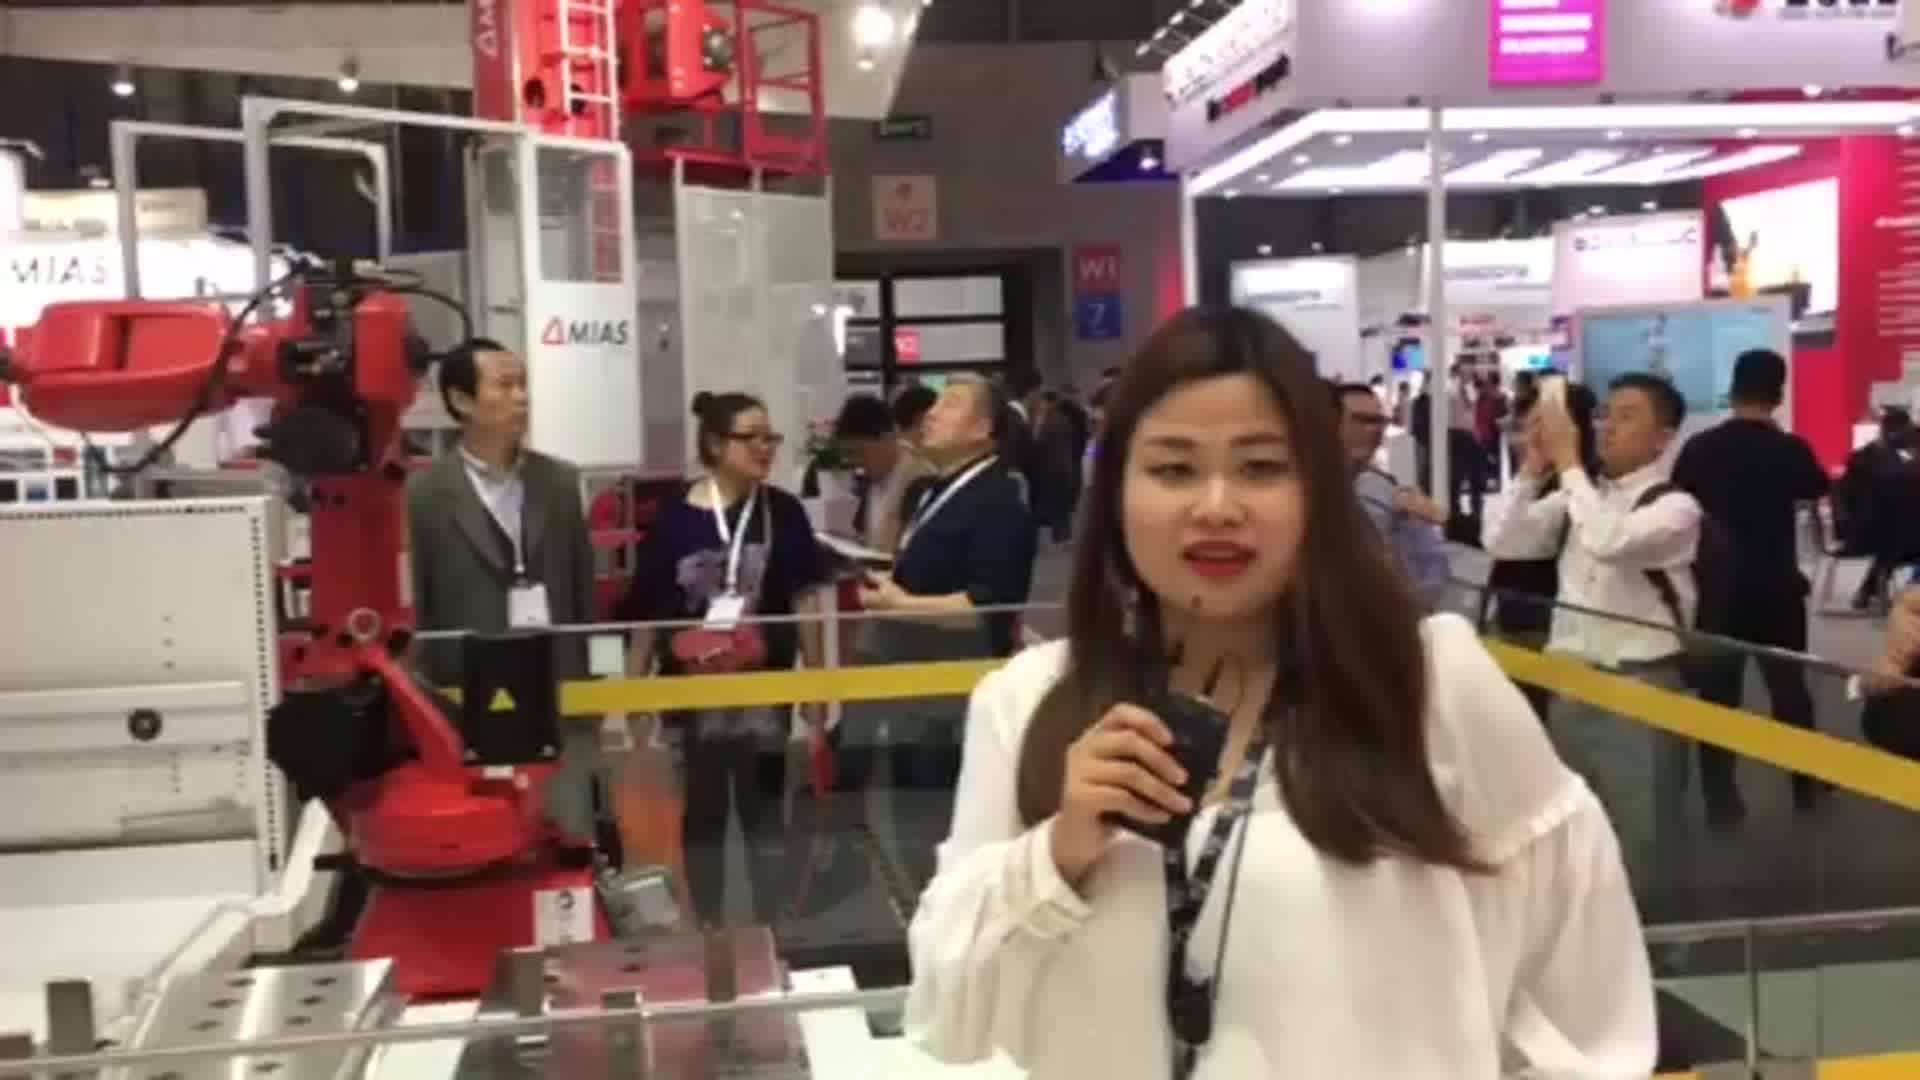 【摩登纳展台:W1-D3】摩登纳(中国)自动化设备有限公司市场经理 陈雯亮女士